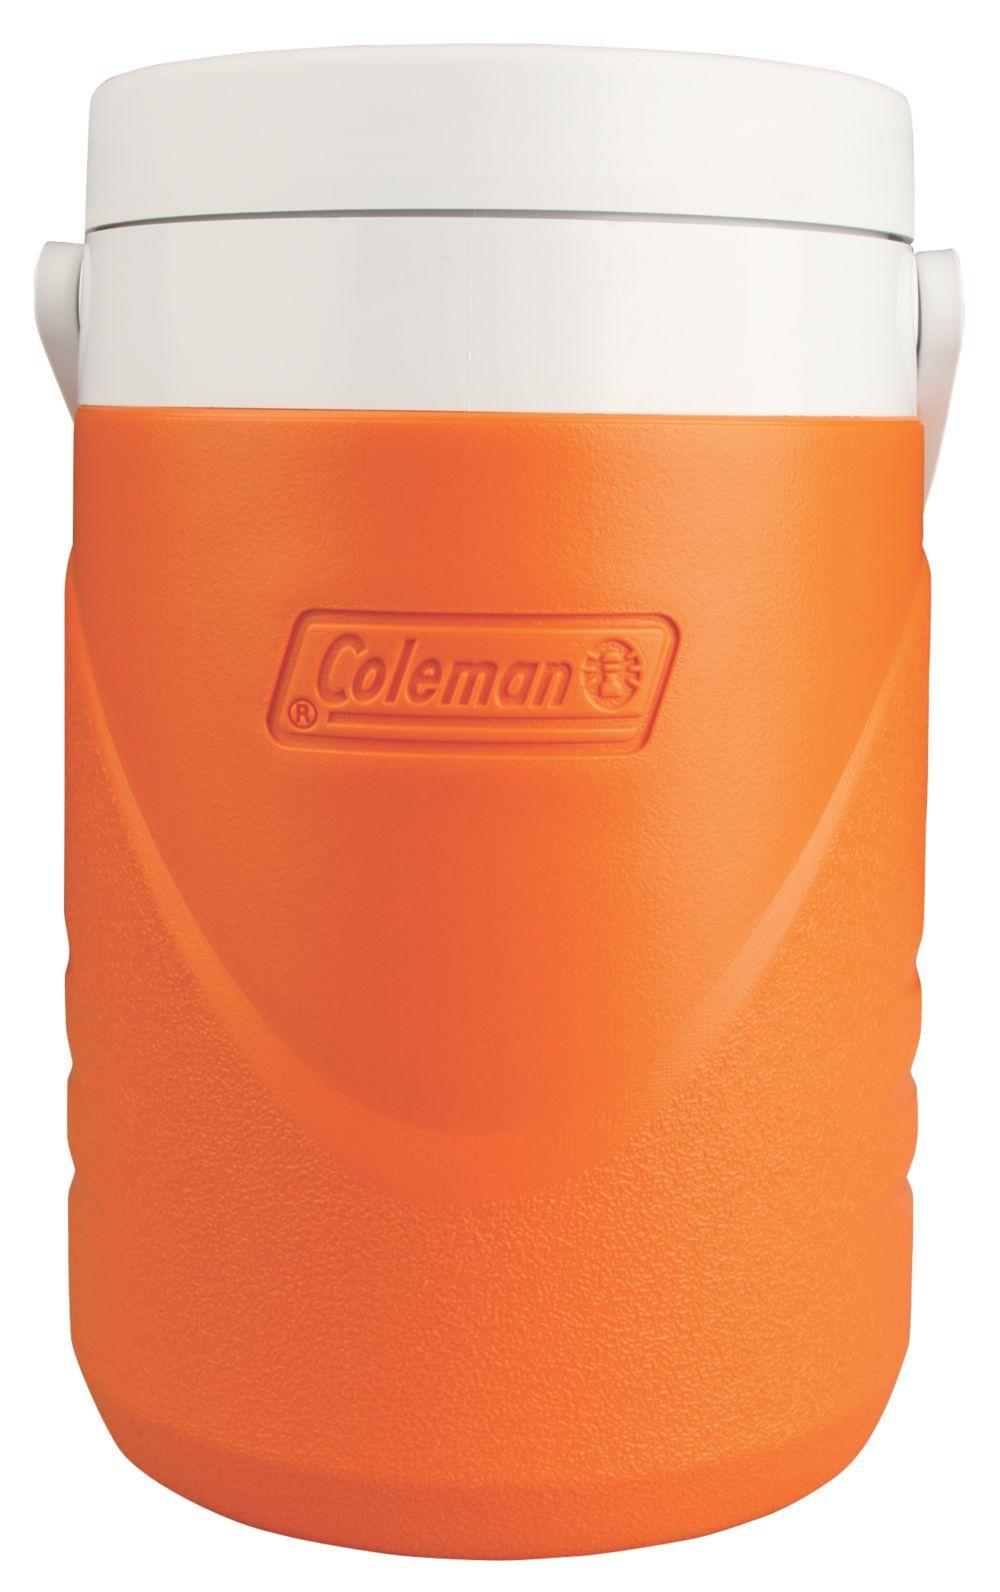 1 Gallon Beverage Cooler